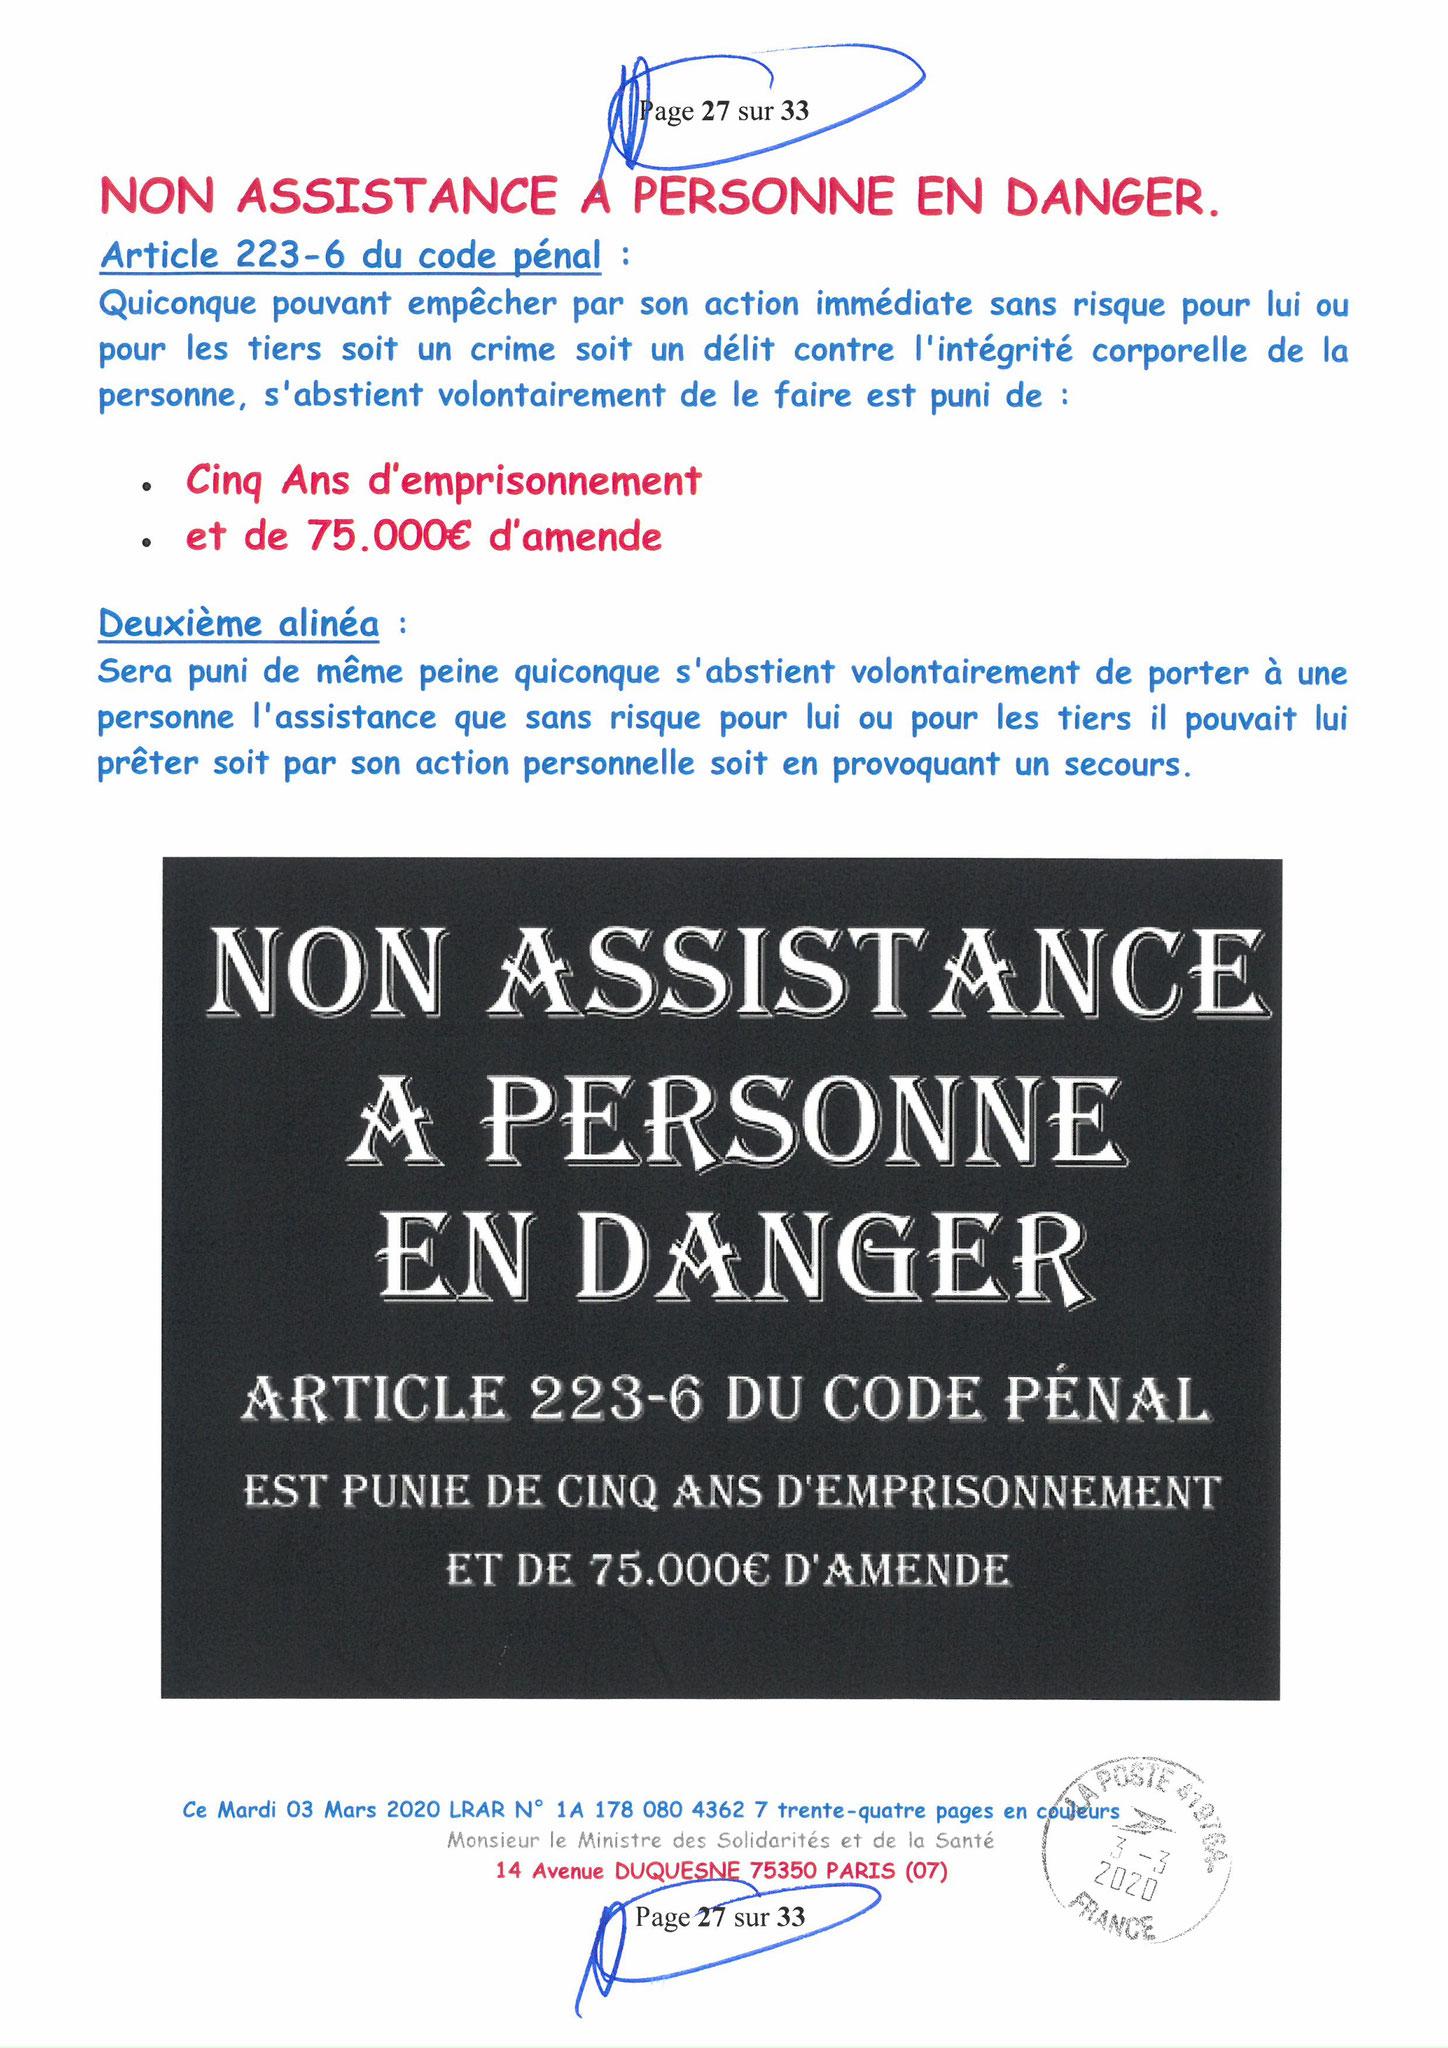 Page 27 sur 33 Ma lettre recommandée N0 1A 178 080 4362 7 du 03 Mars 2020 à Monsieur Olivier VERAN le Ministre de la Santé et des Solidarités www.jesuispatrick.fr